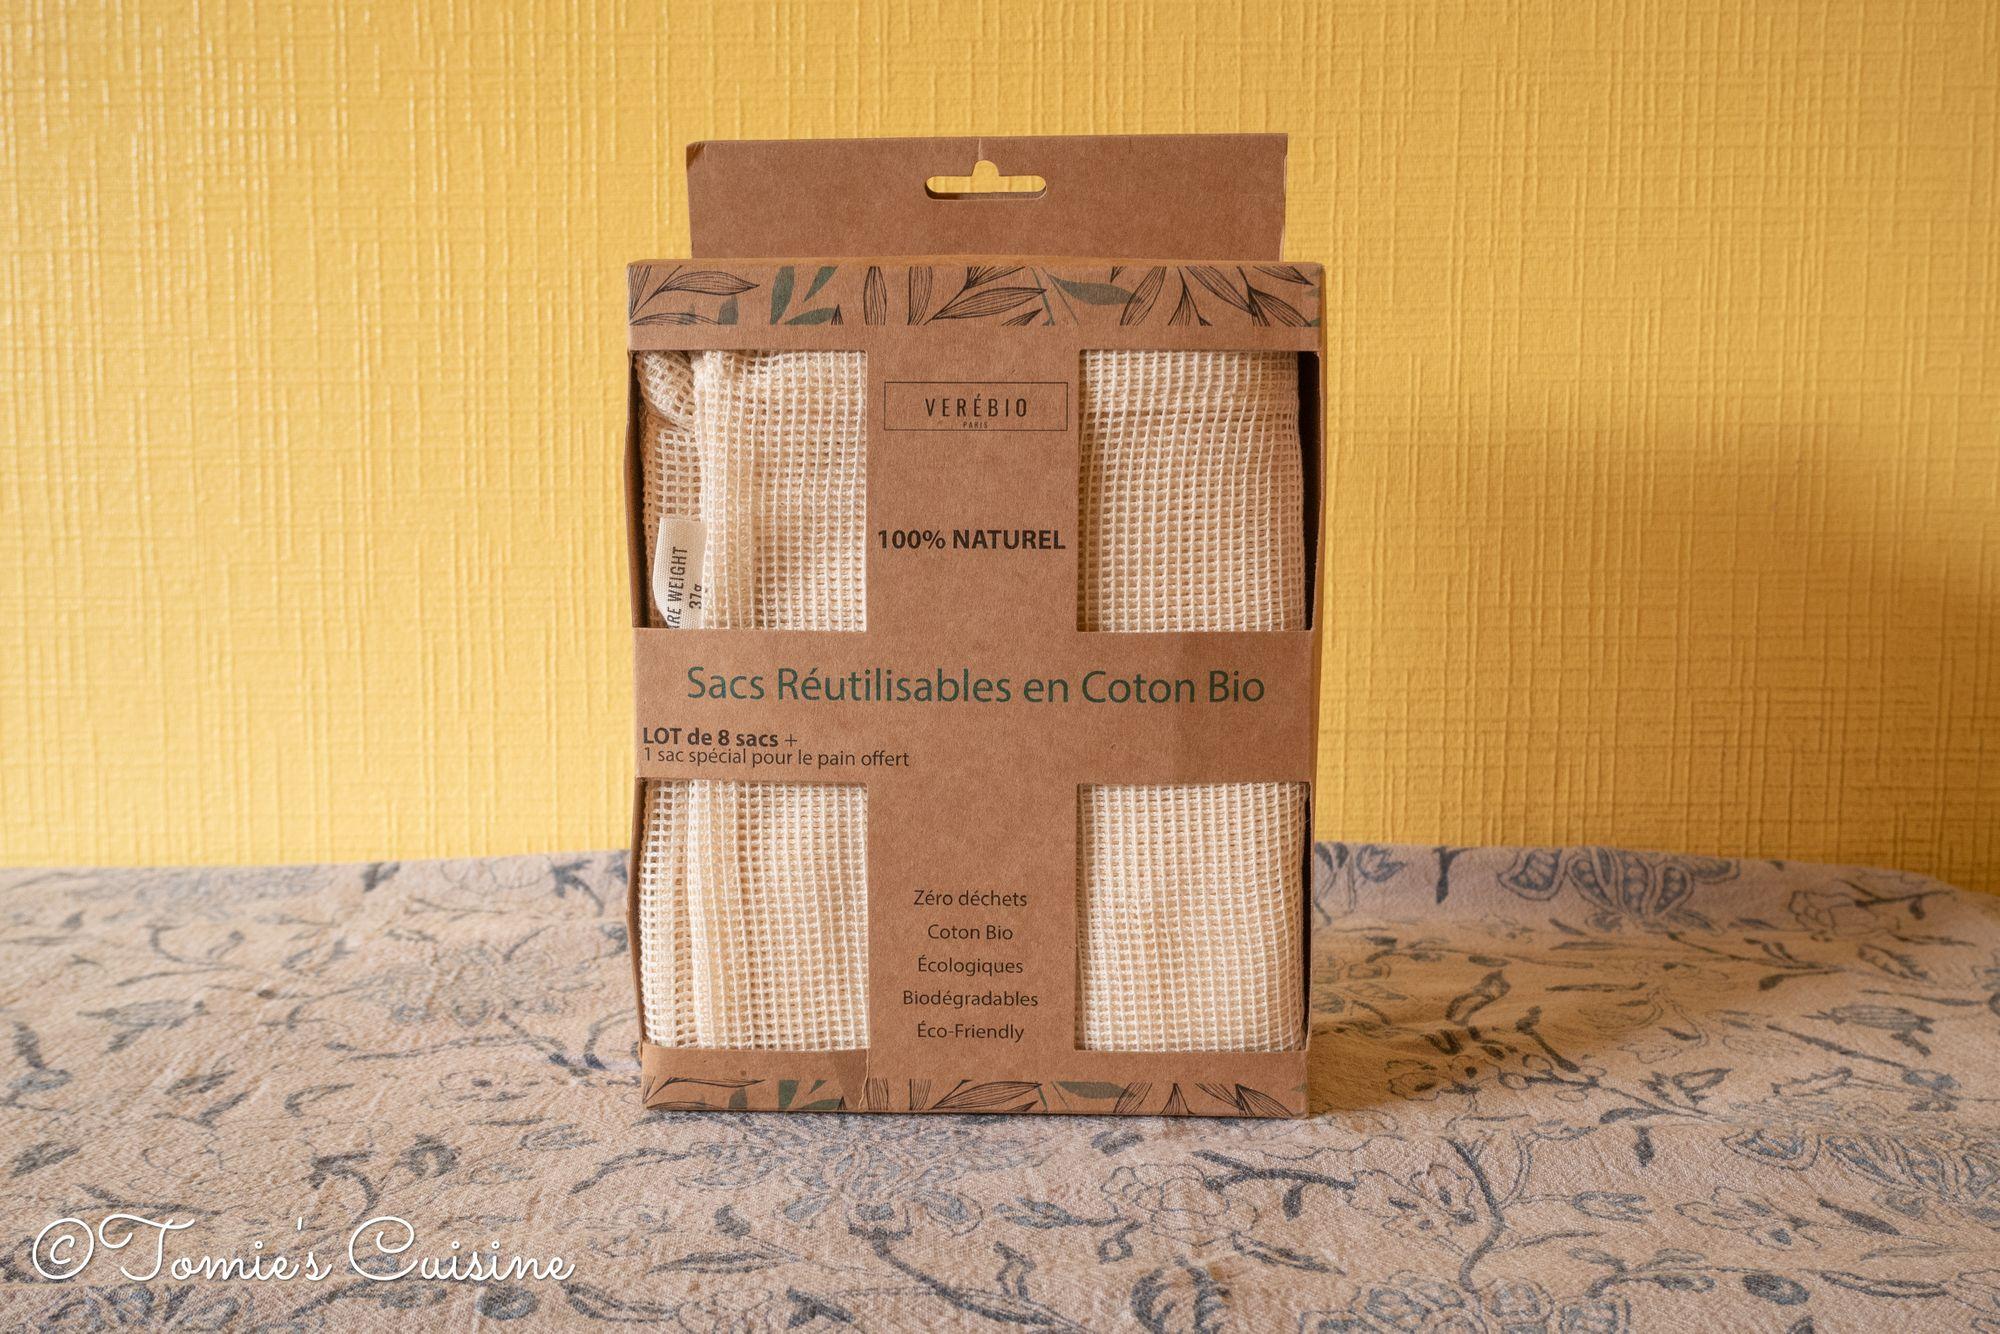 Verebio's packaging